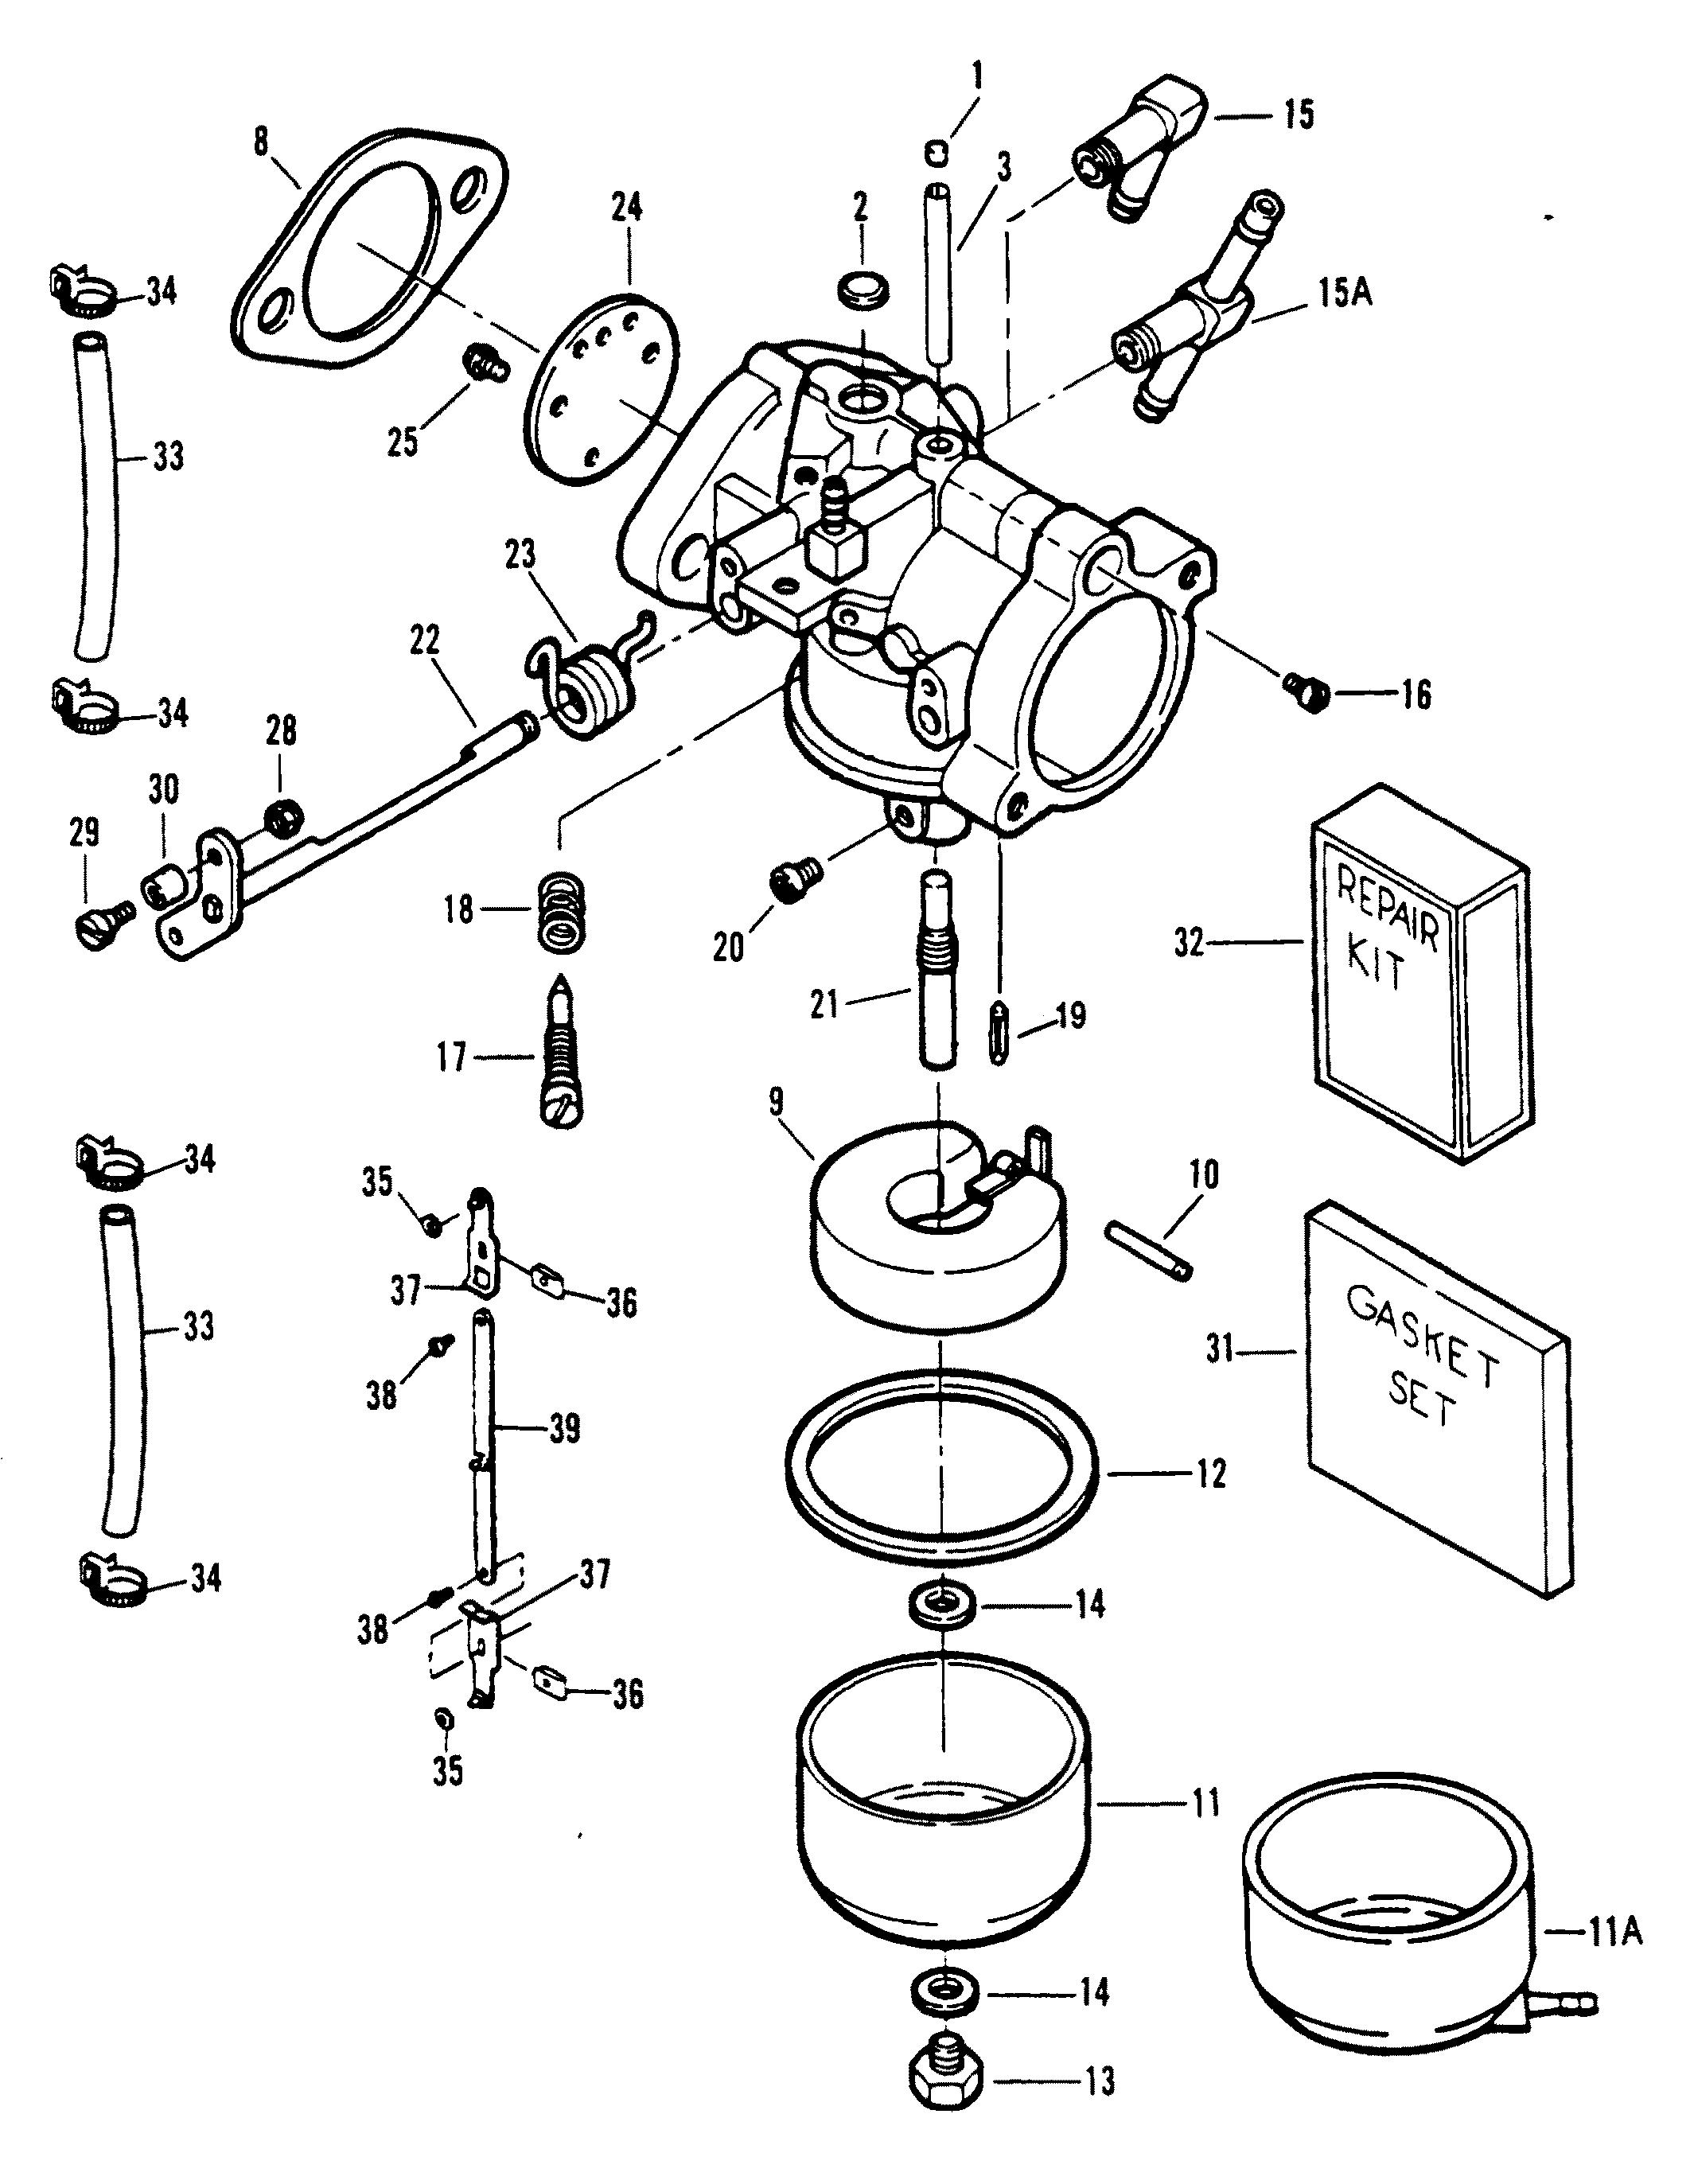 Каталог запчастей SPORTJET 90 (POWERHEAD) 1995 0E095088